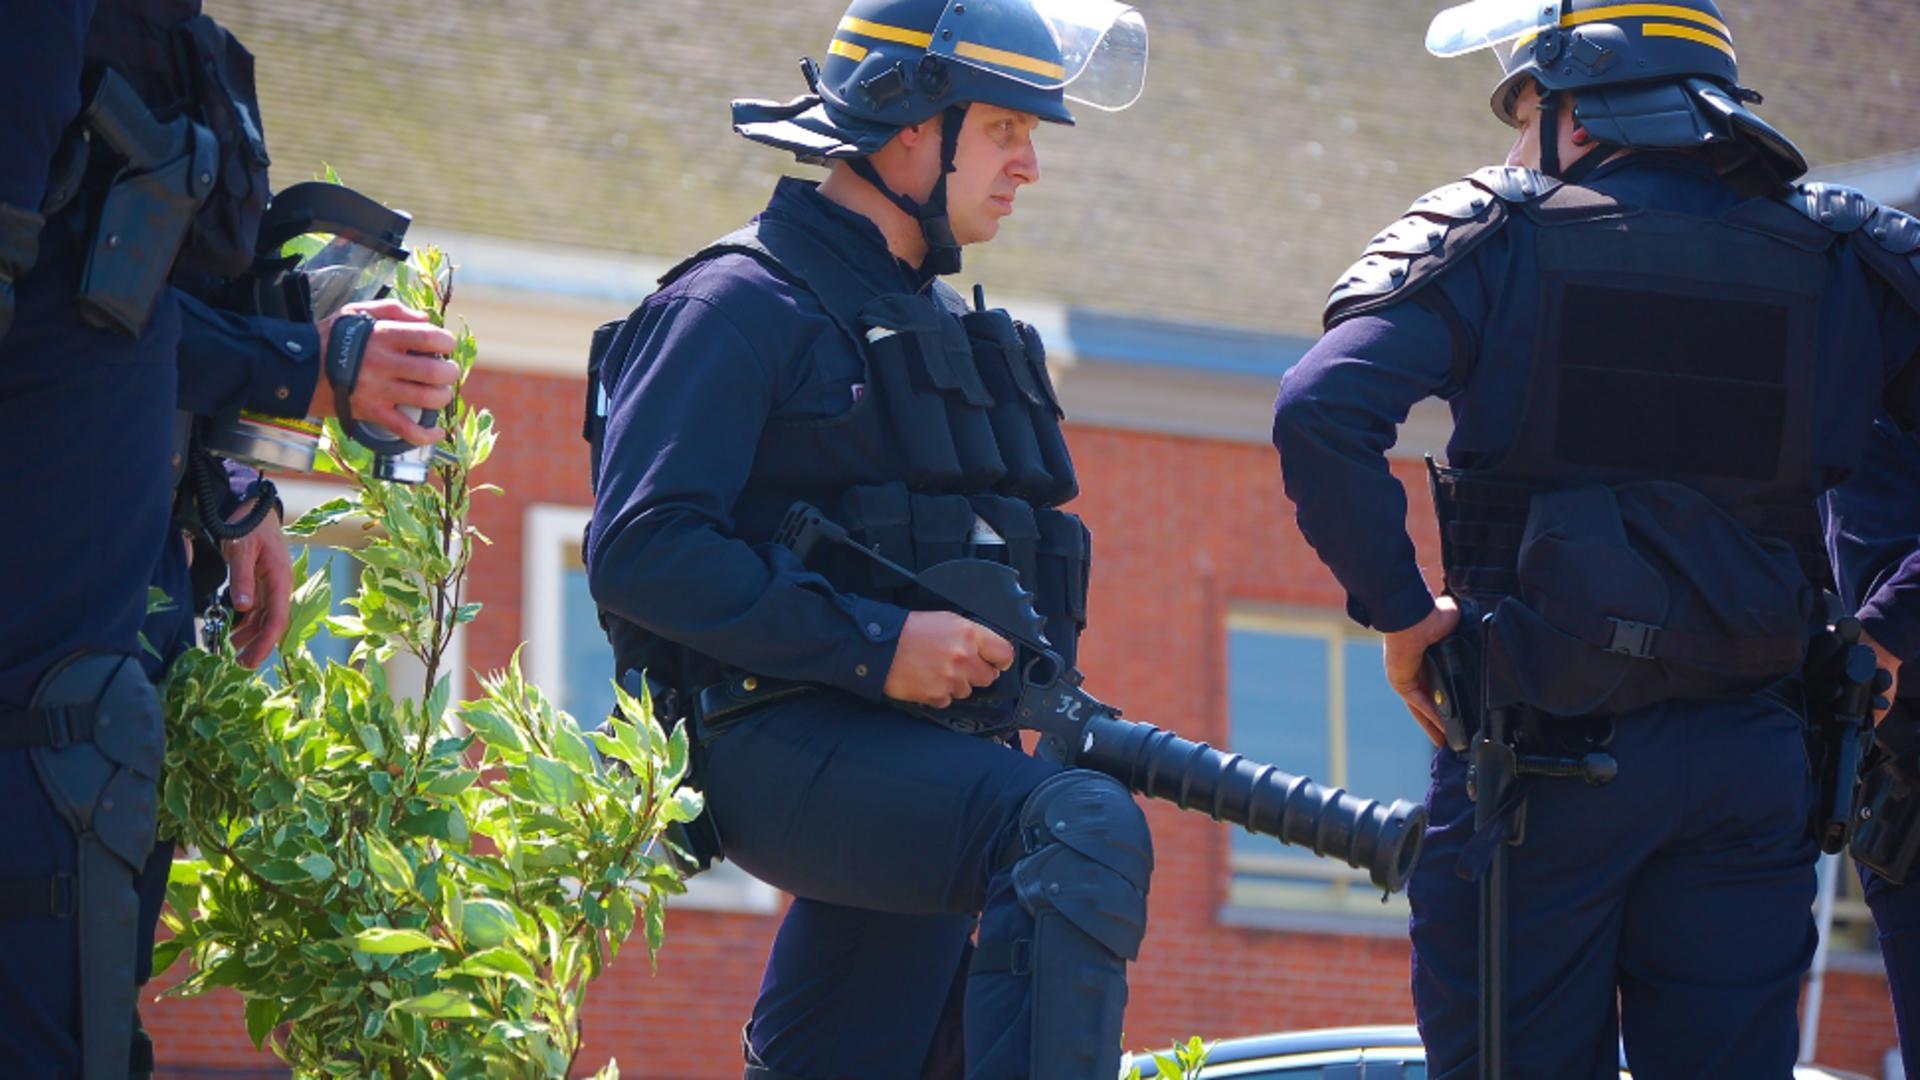 Politie franceza/atac sangeros in Paris